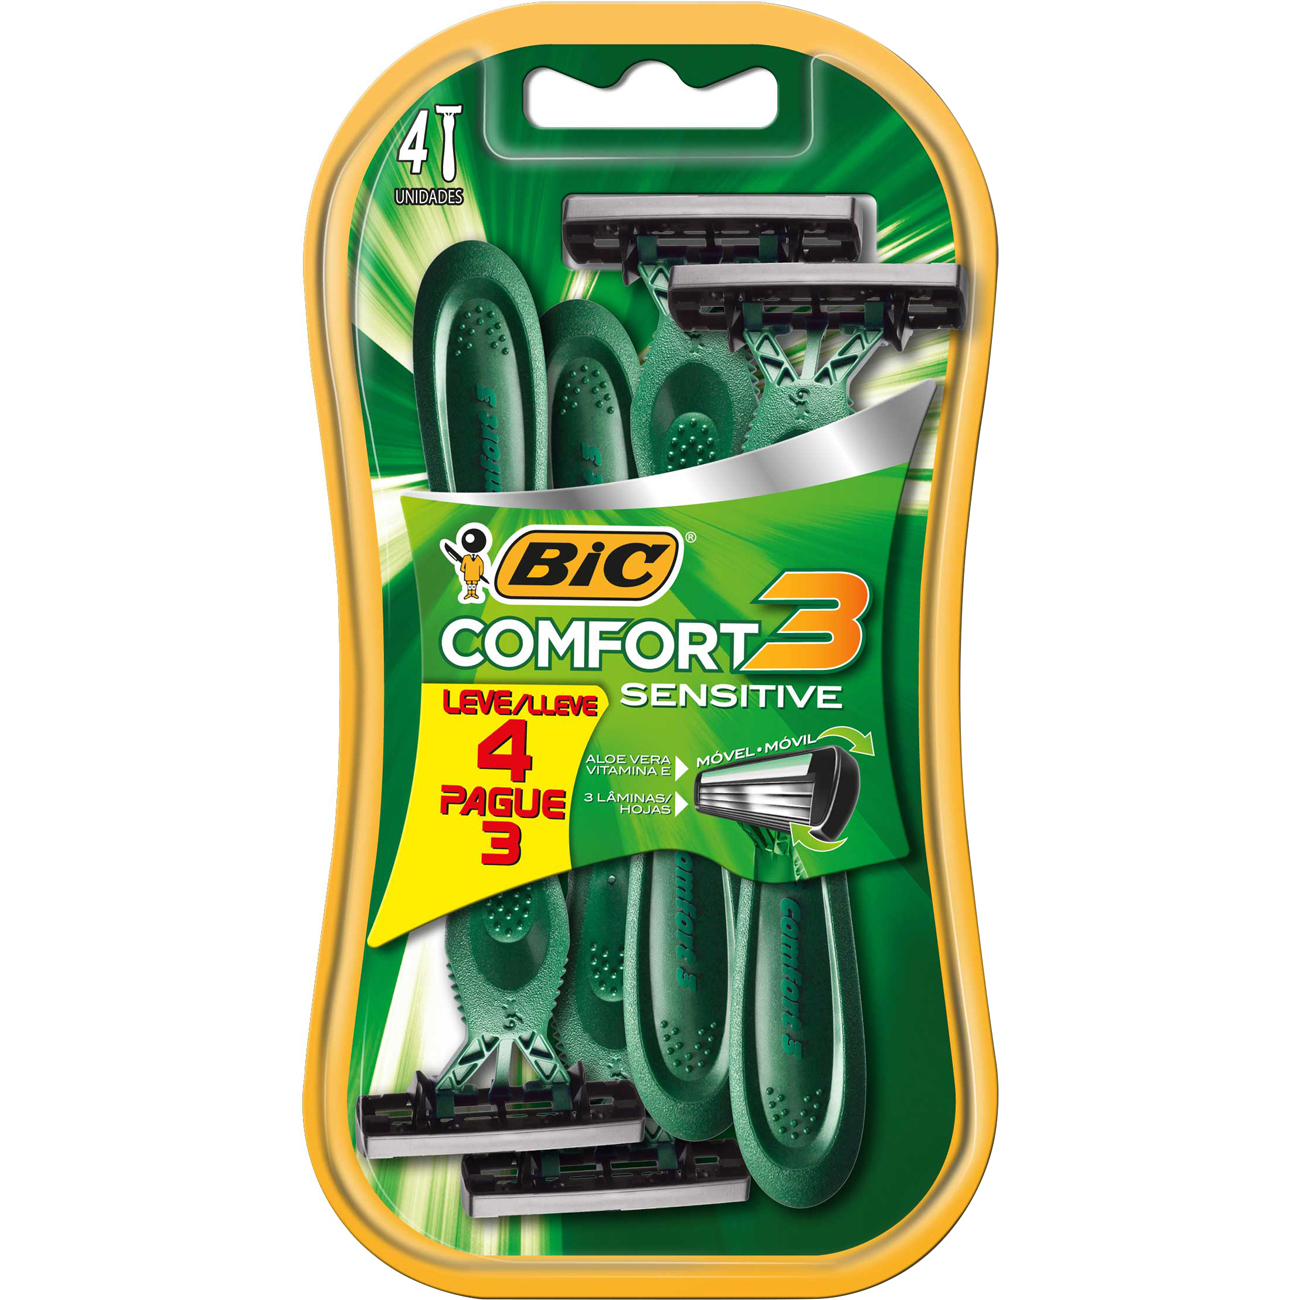 Aparelho de Barbear Bic Comfort 3 Pele Sensivel Leve 4 Pague 3 Unidades